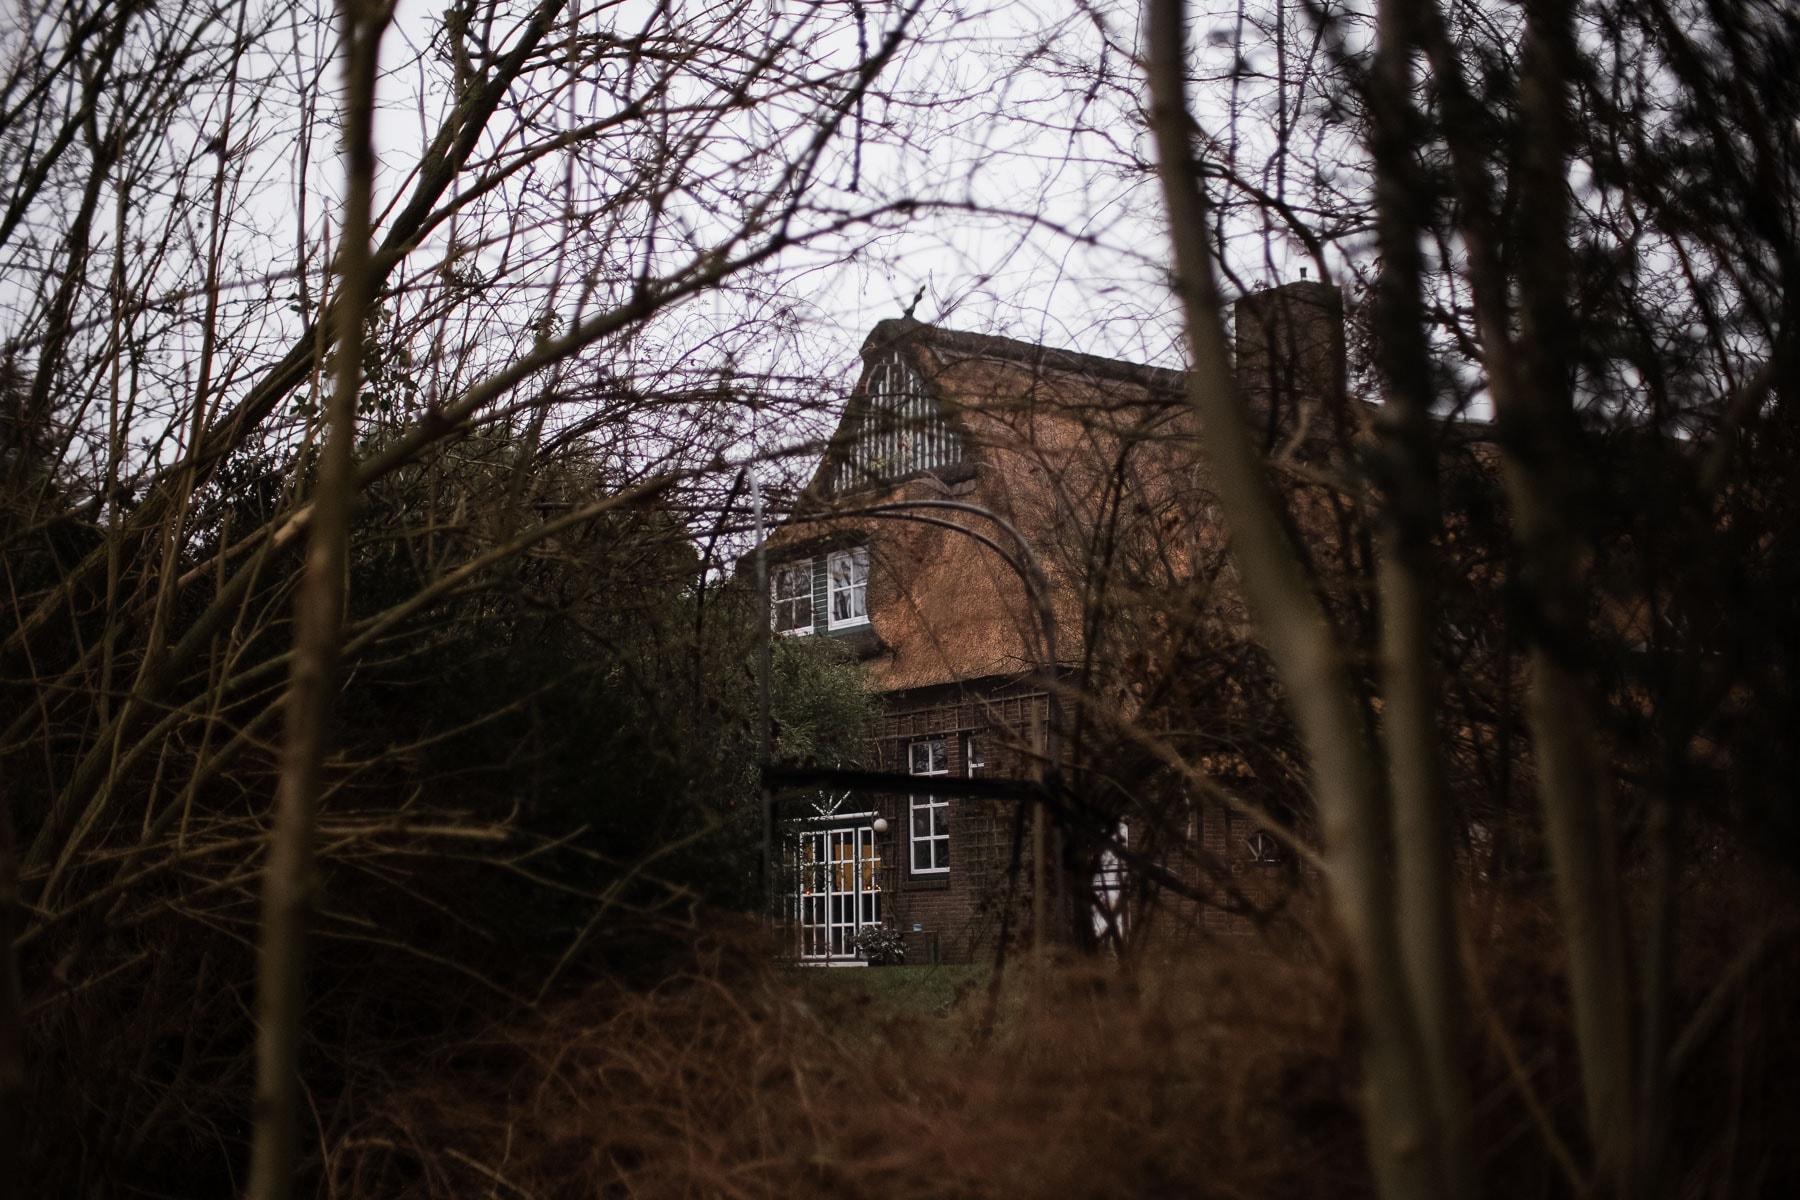 ein Landhaus, dass von kahlen Bämen umgeben ist, es hat Sprossenfenster